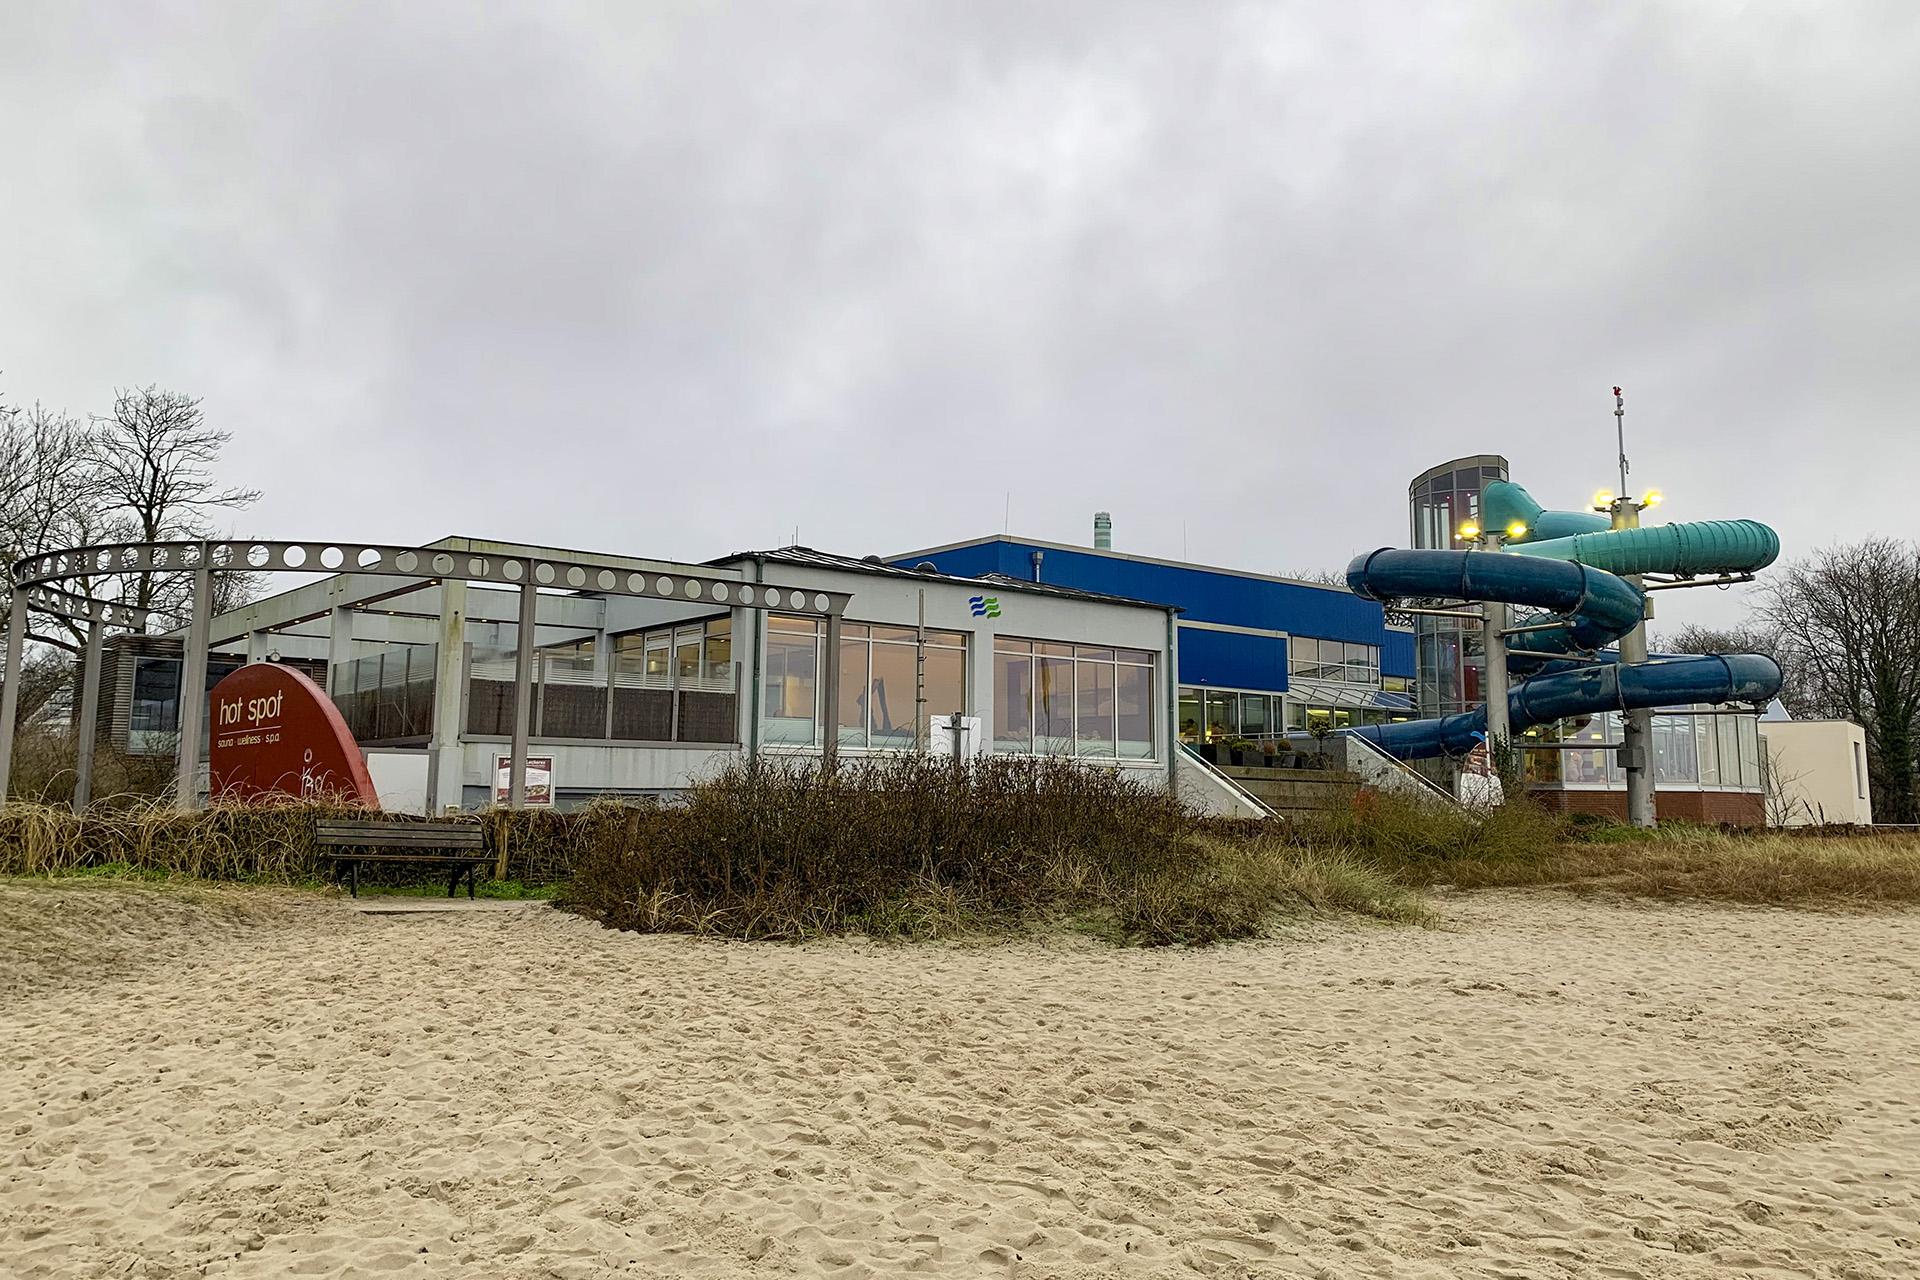 Meerwasser-Hallenbad: Auch im Winter in Ostseewasser baden